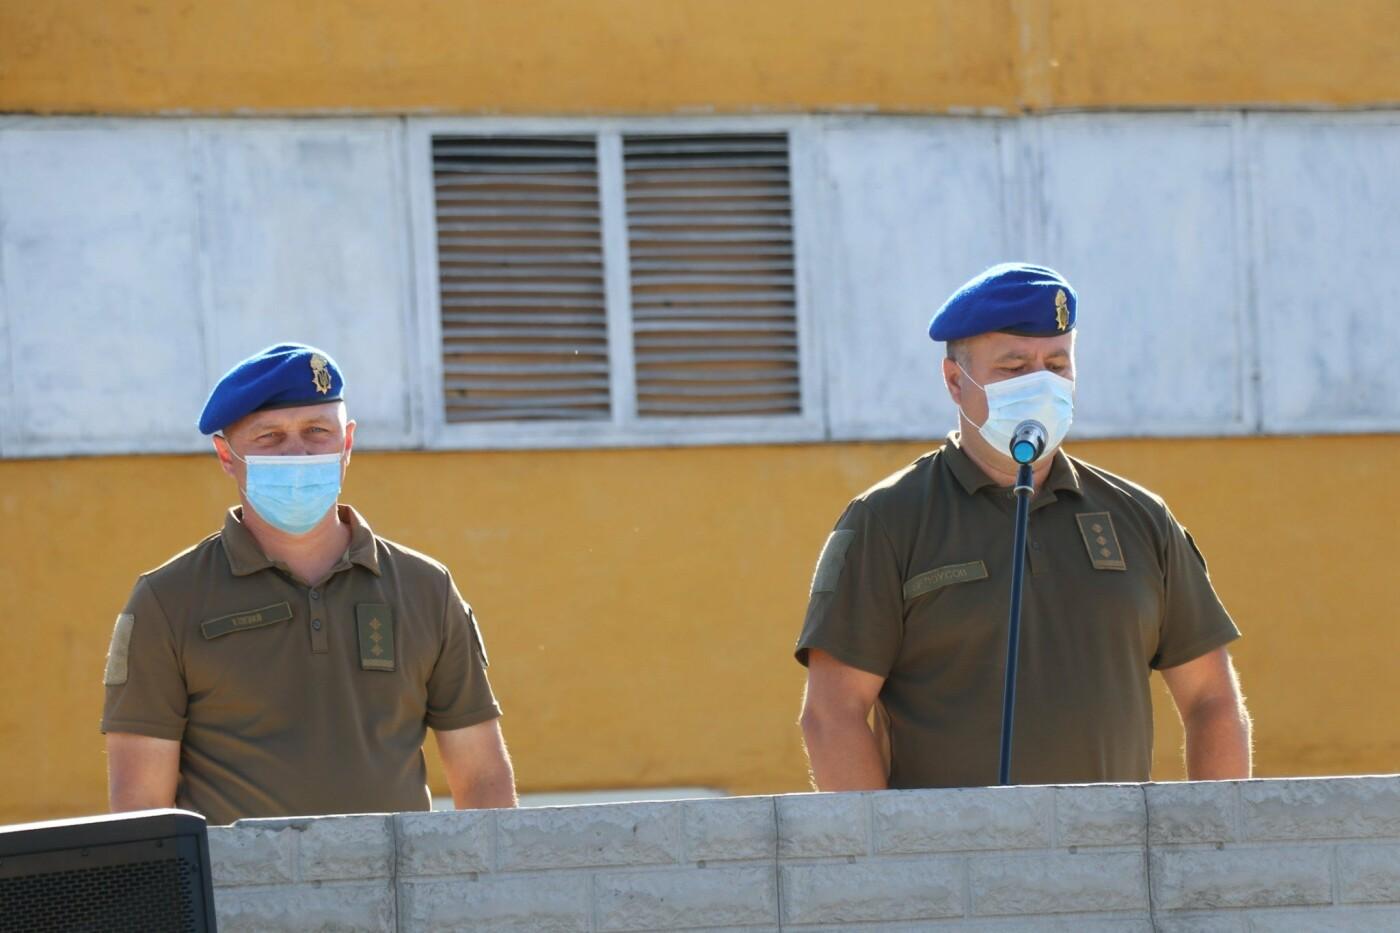 В Кривом Роге нацгвардейцы почтили память погибших побратимов, - ФОТО, фото-7